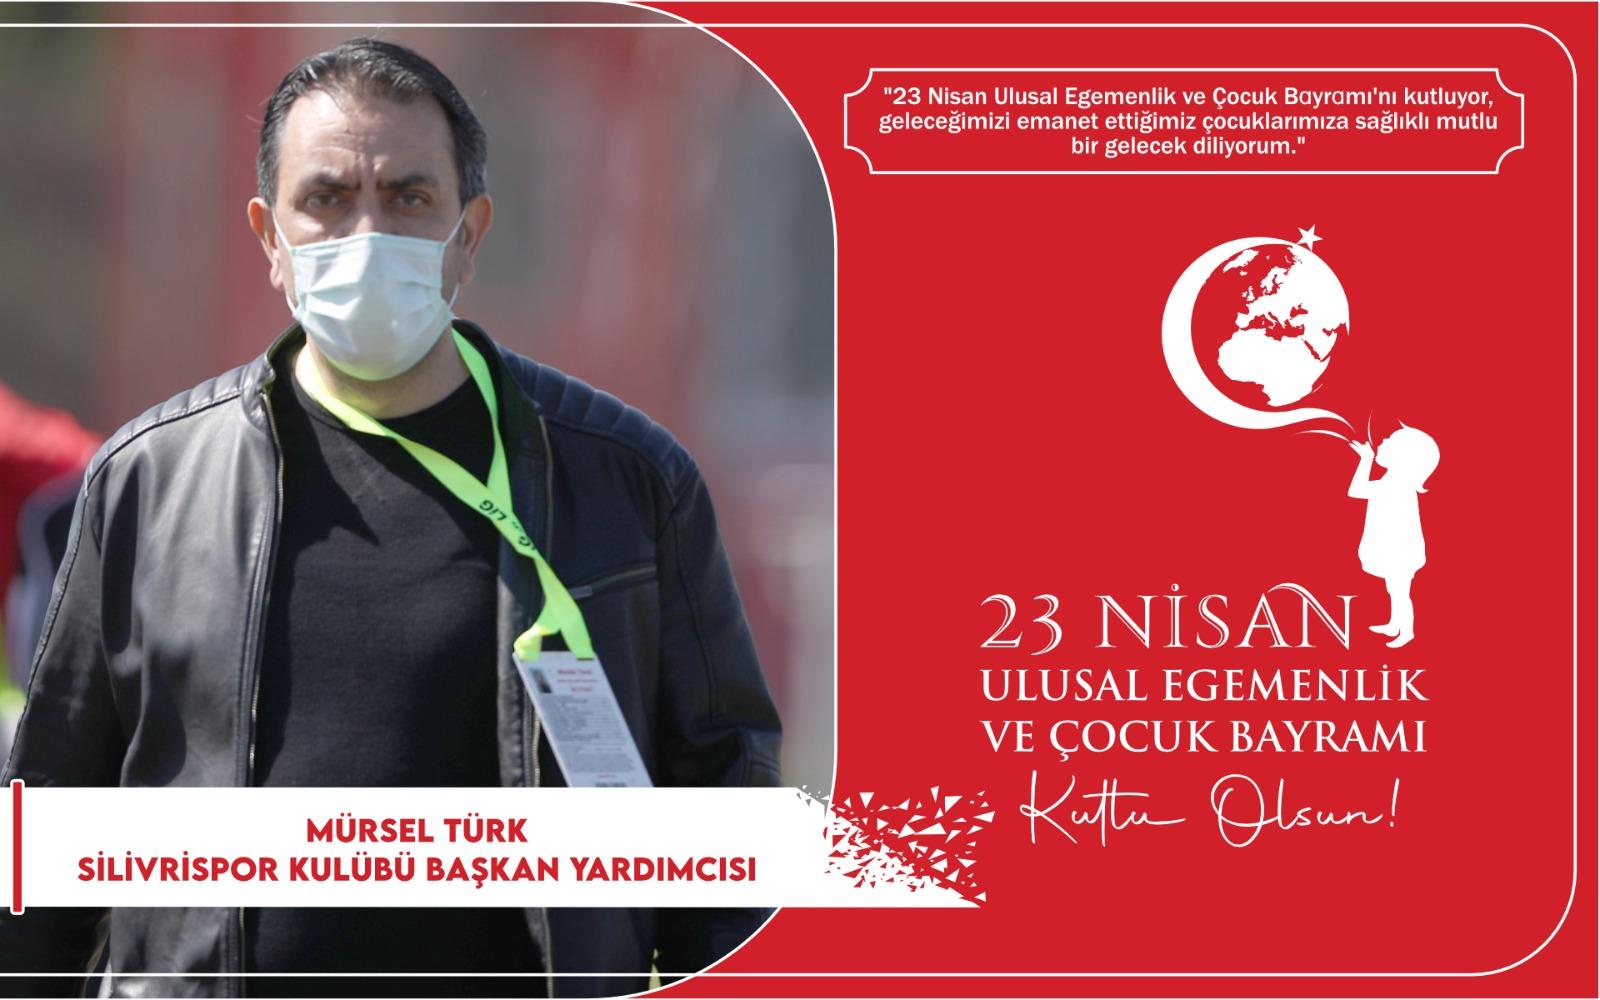 Mürsel Türk'ten Kutlama Mesajı